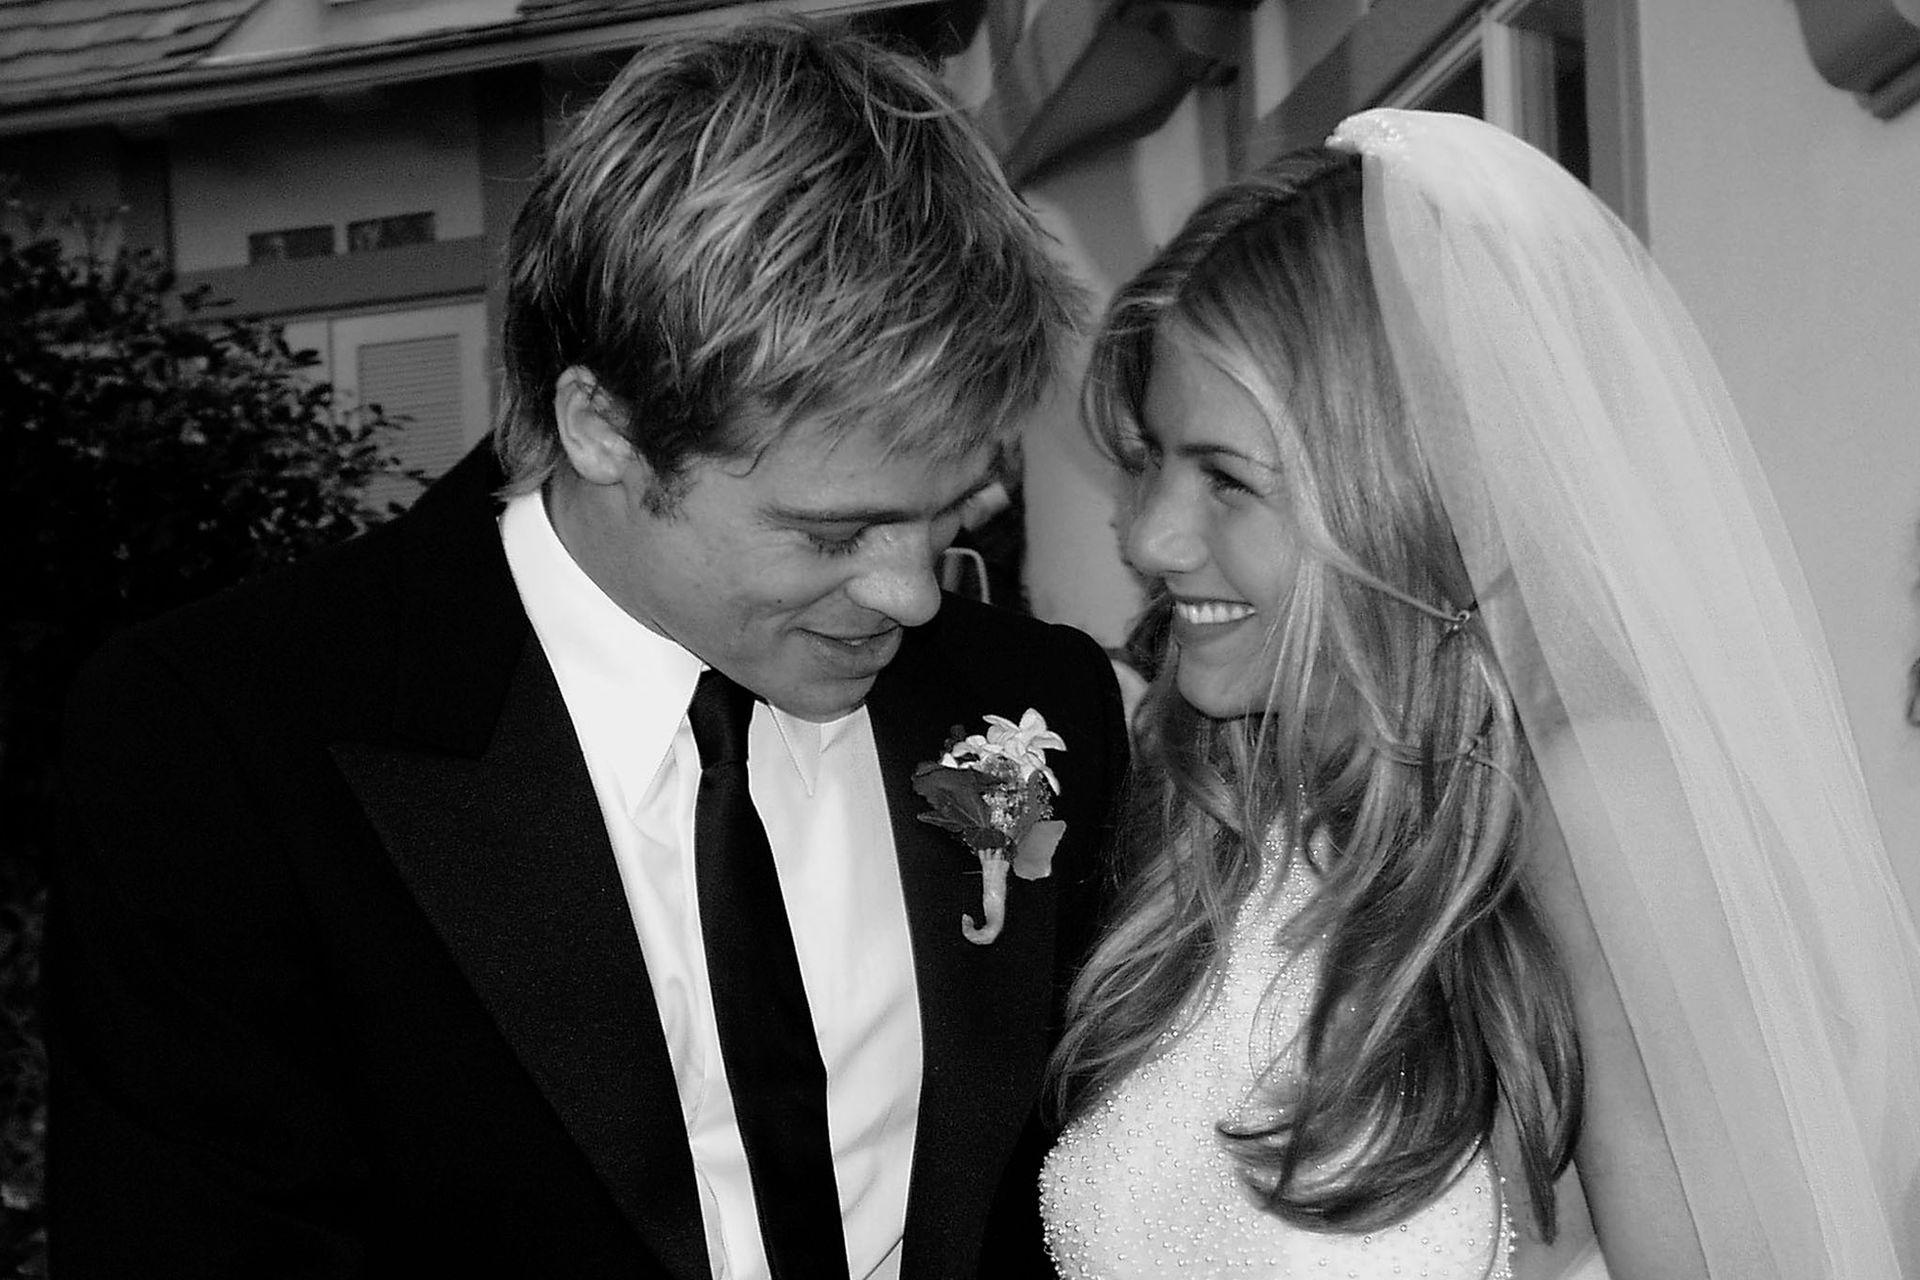 La única imagen que la pareja le cedió a la prensa en el día de su boda